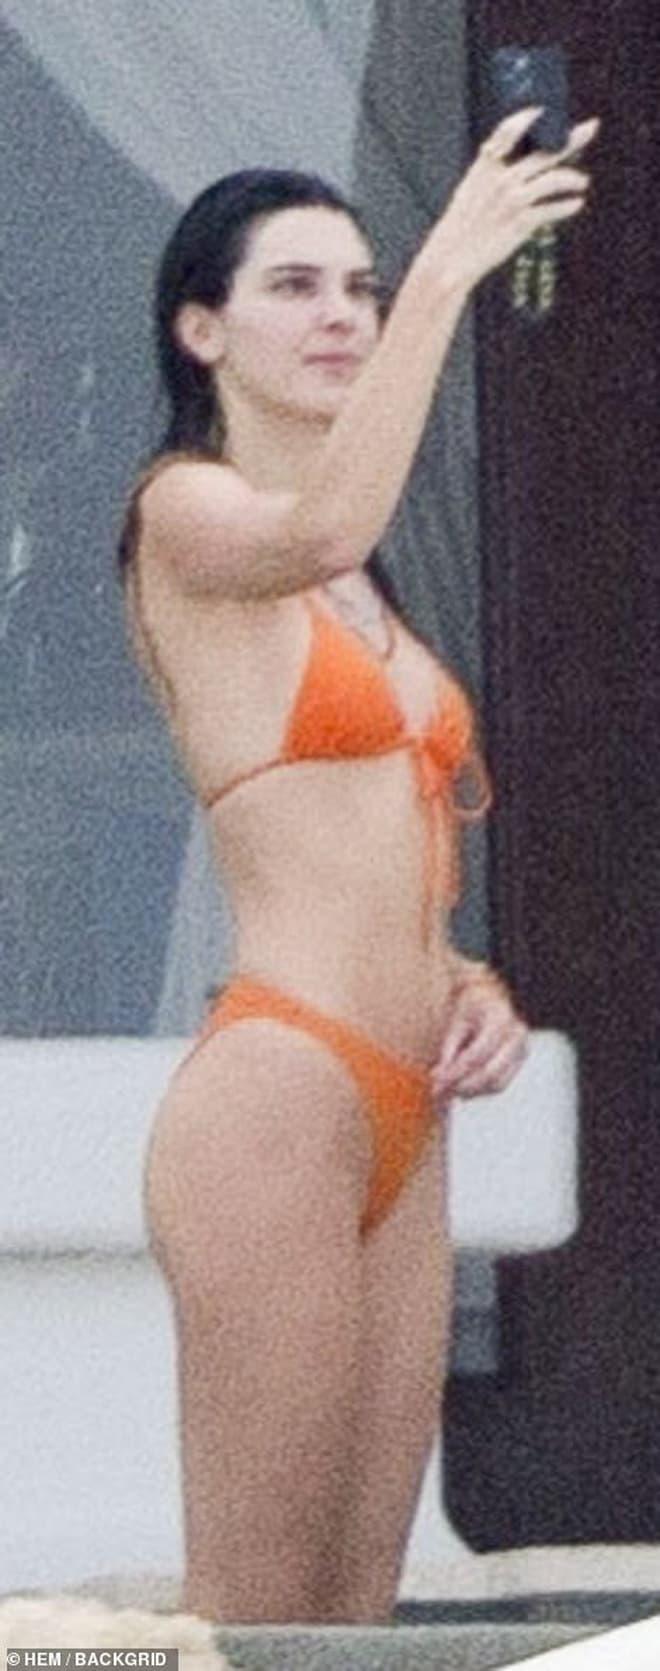 Bà xã Justin Bieber đi biển cùng bạn thân siêu mẫu Kendall, cư dân mang so sánh từ body đến ảnh mặt mộc 2